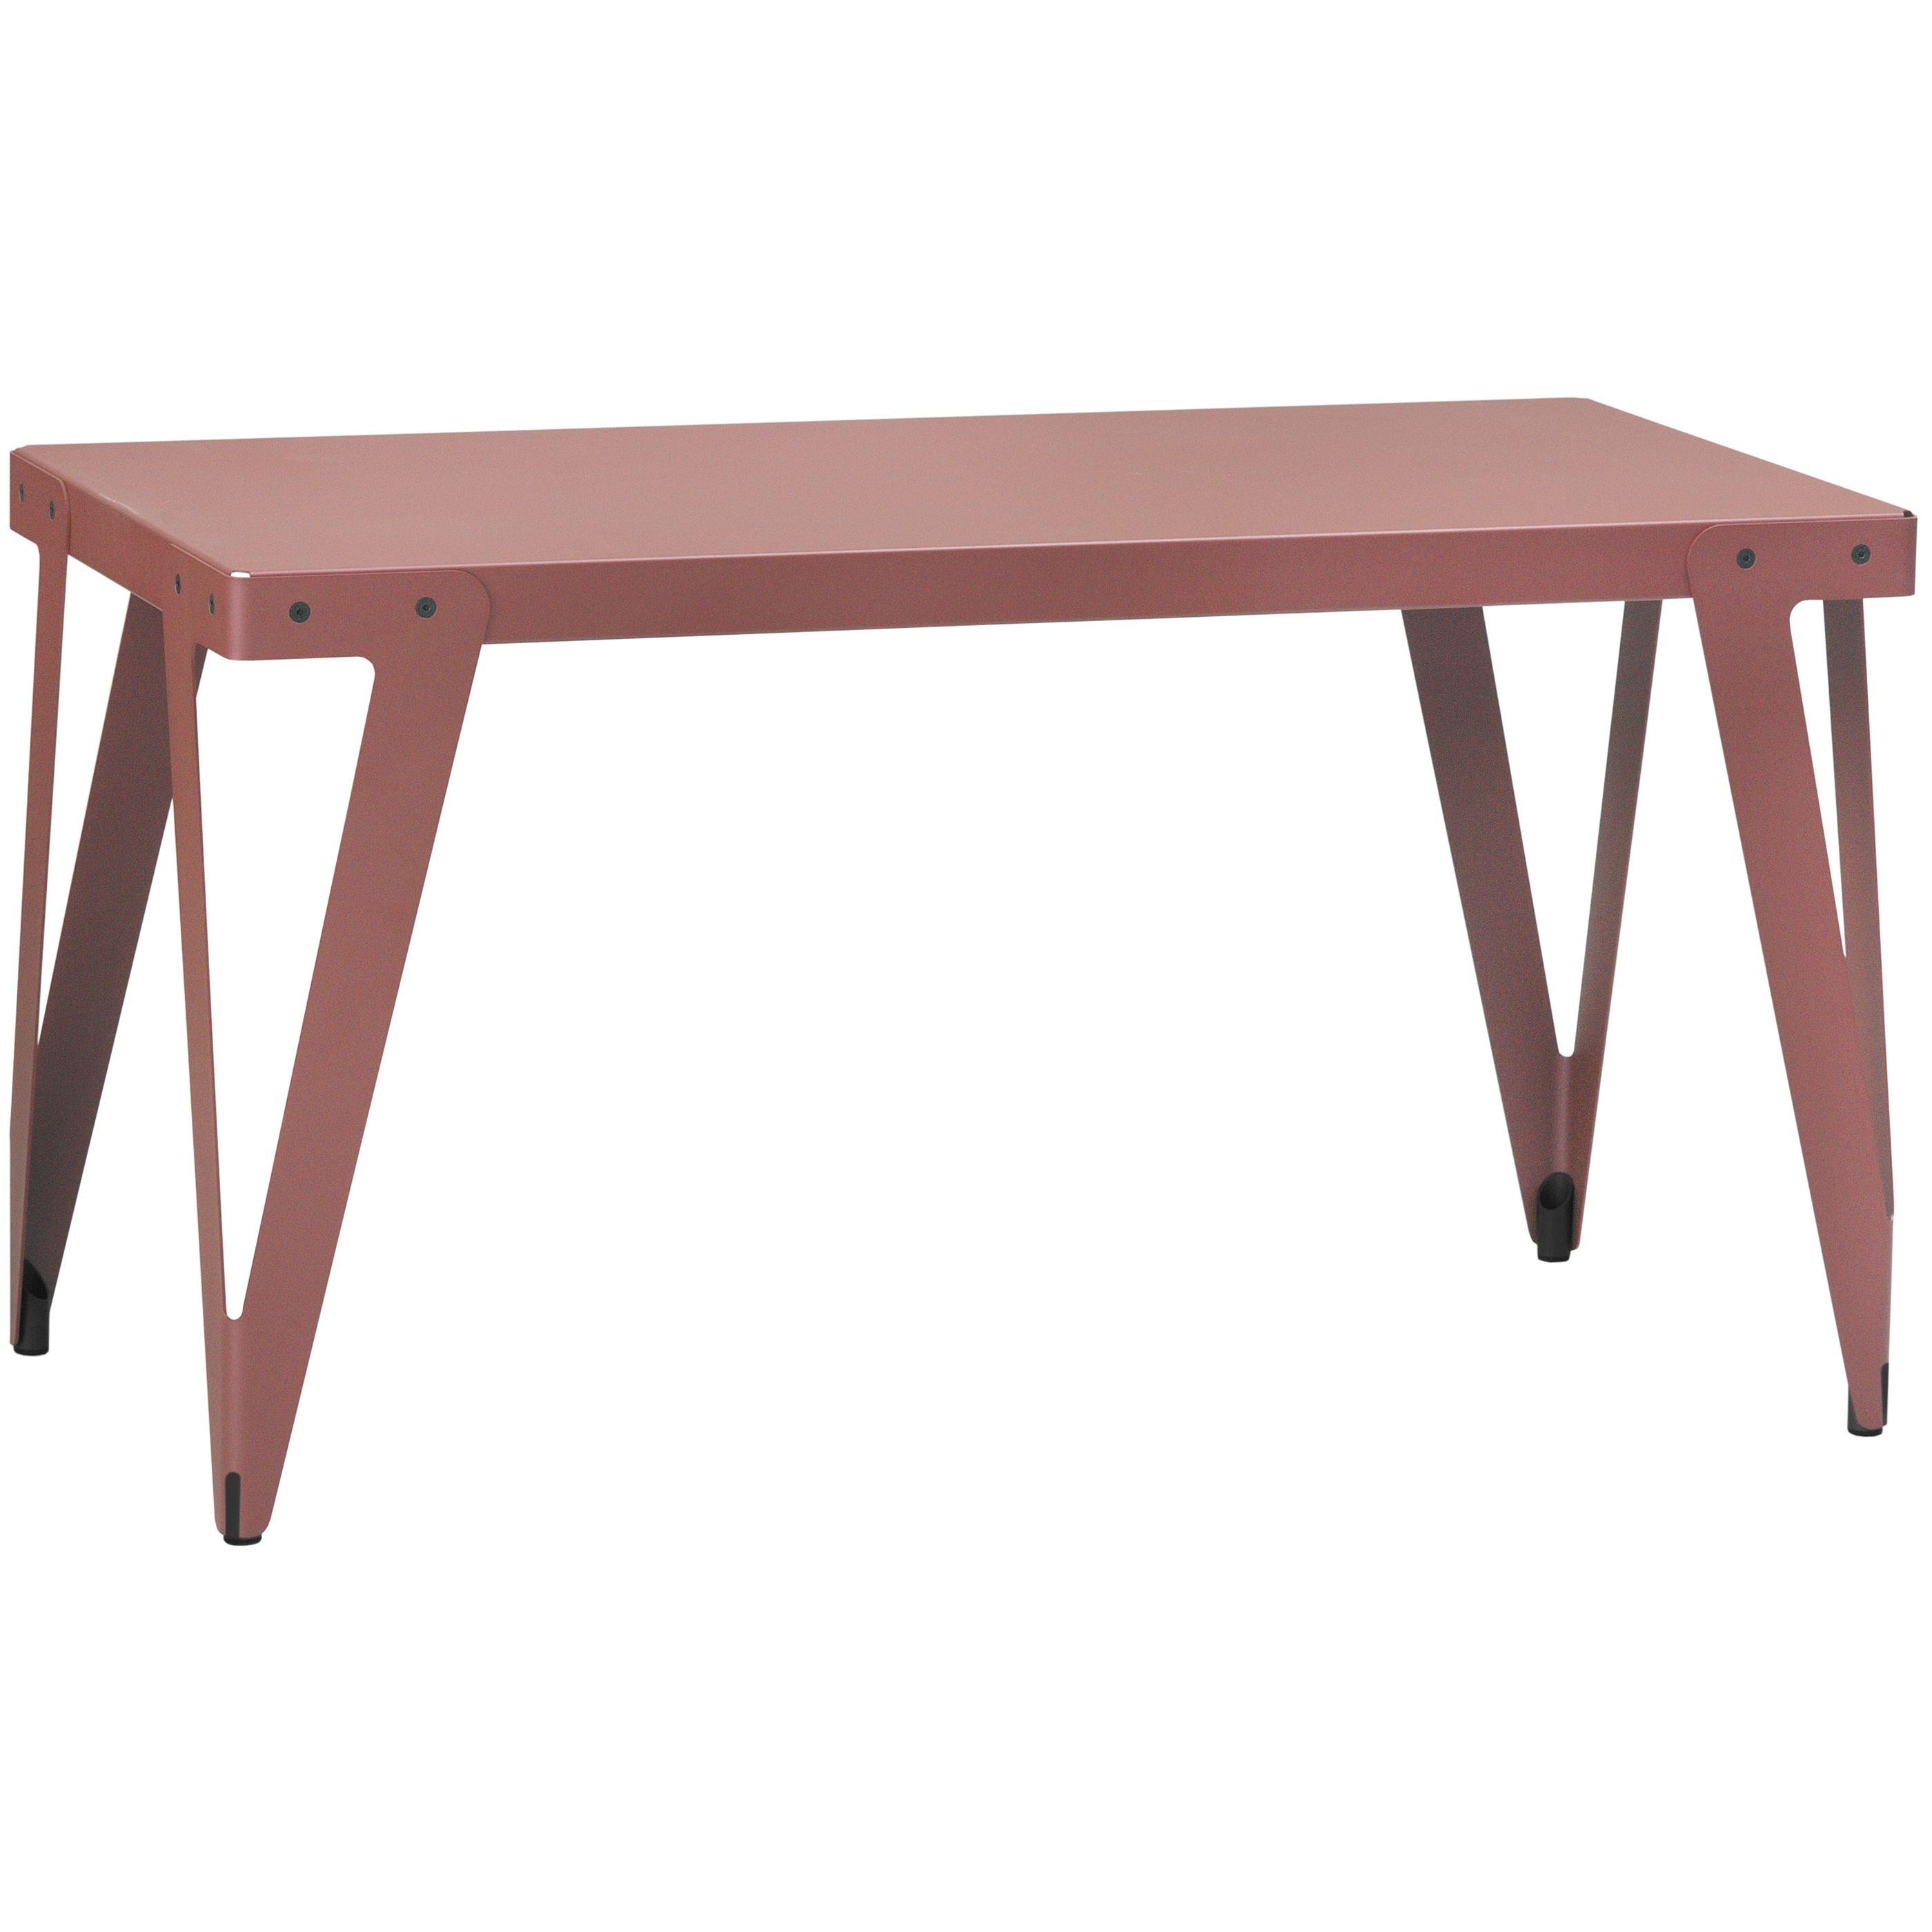 Functionals Lloyd Work Table bureau rust kopen